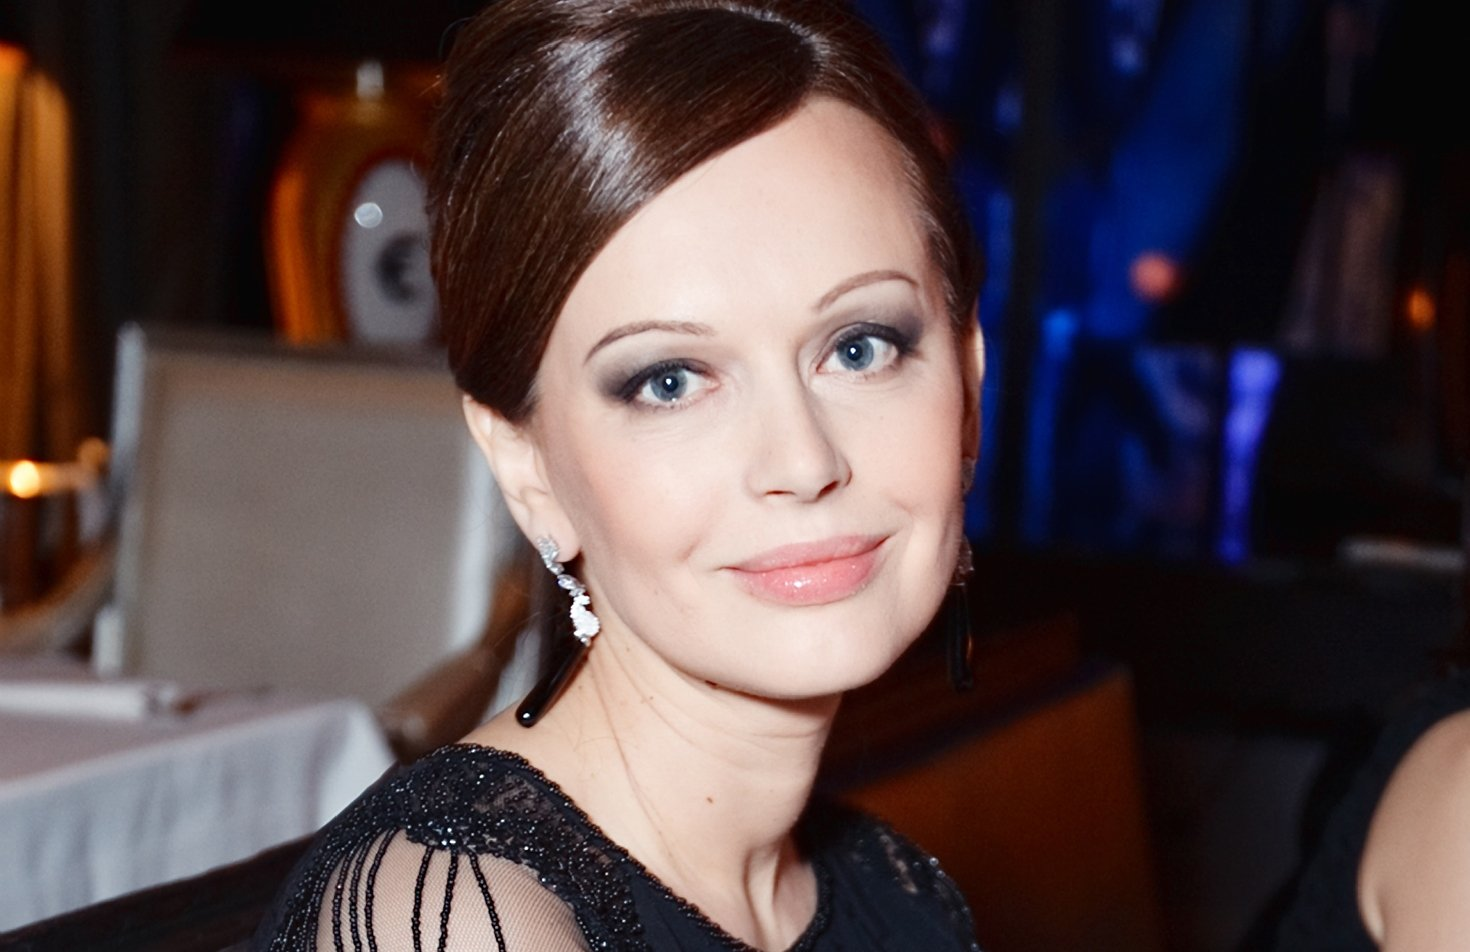 Ирине Безруковой предложили самостоятельно оплатить свое пребывания на кинофестивале